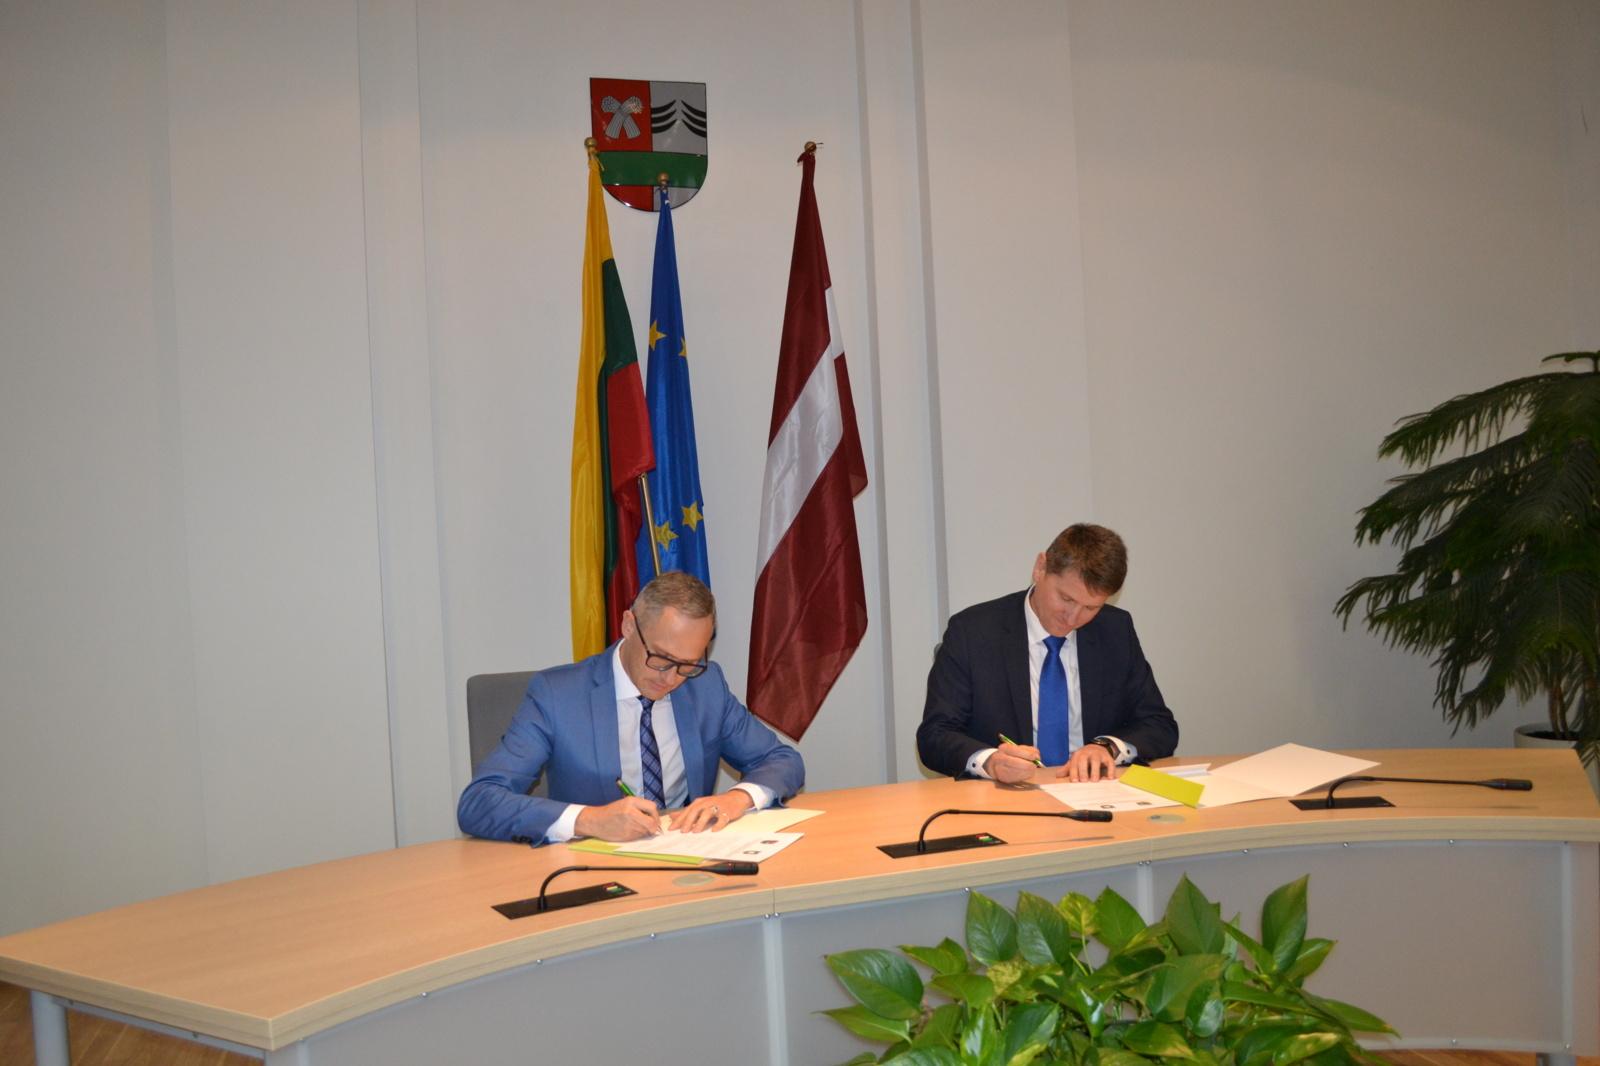 Pasirašytas bendradarbiavimo ketinimų protokolas su latviais